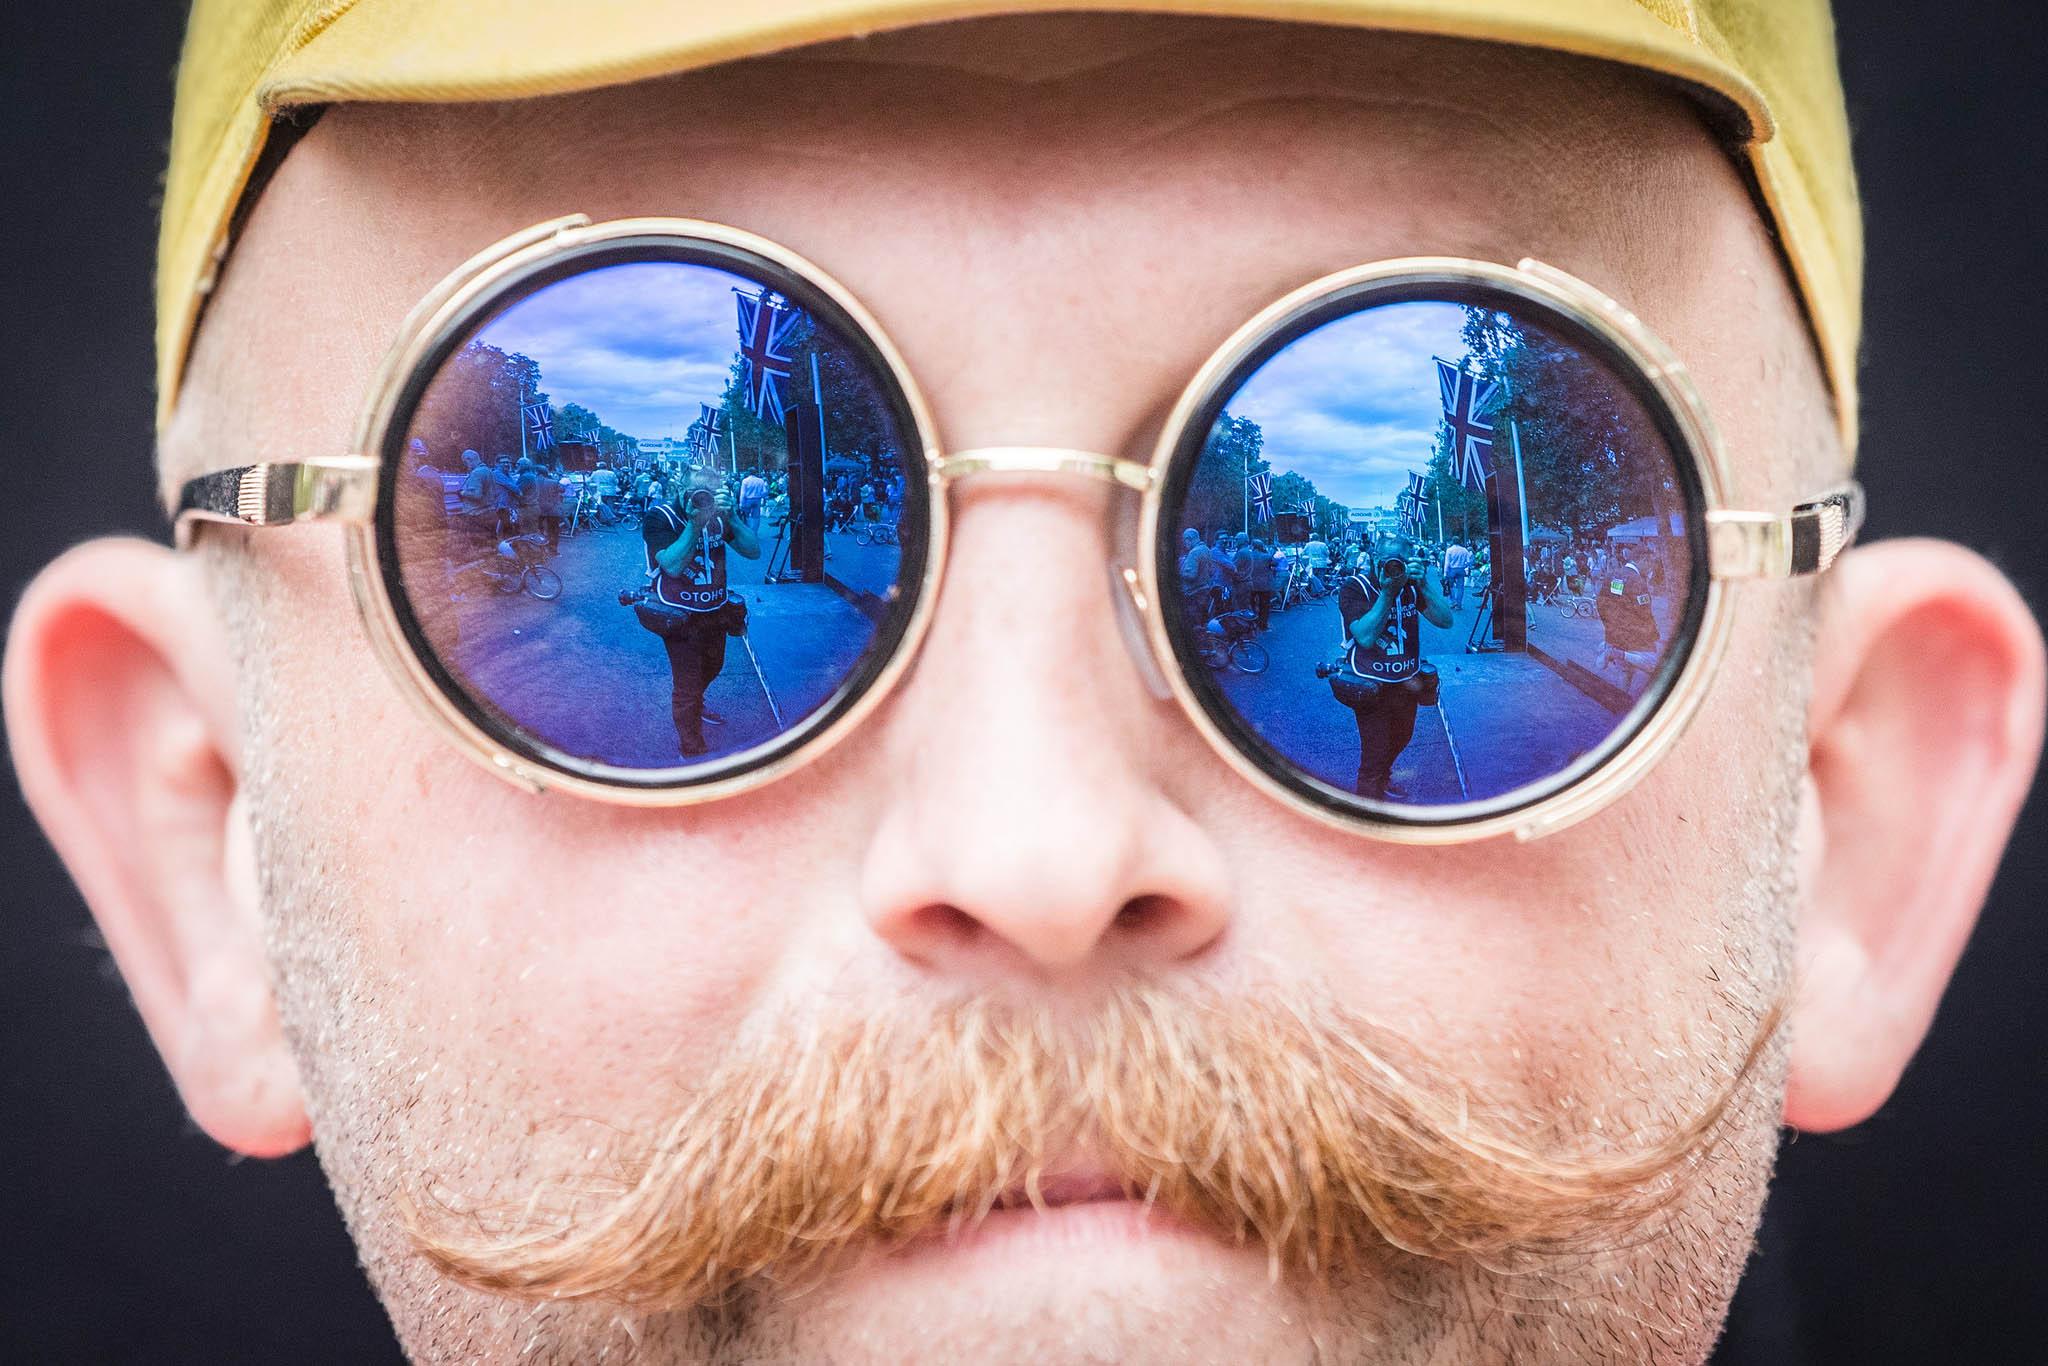 33-july-brompton-selfie